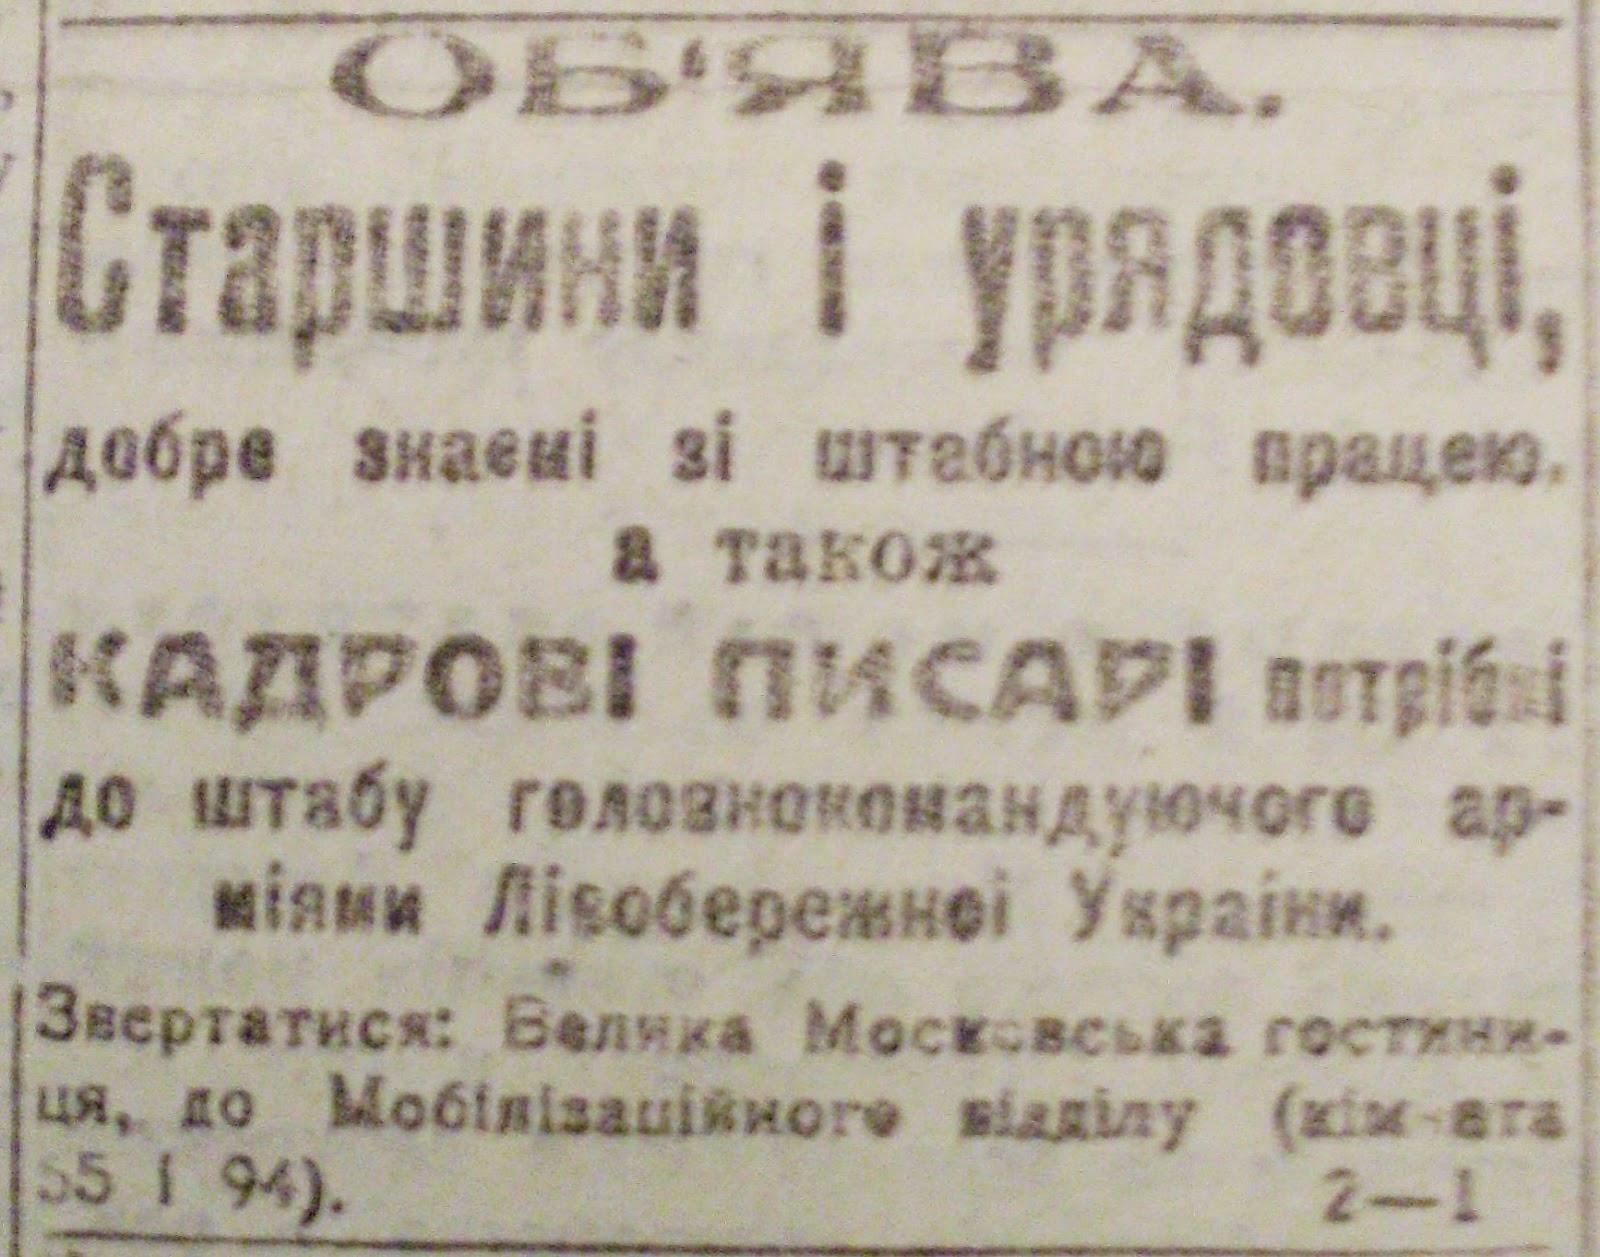 Оголошення про набір до штабу отамана Болбочана, надруковане за три дні до його захоплення німцями